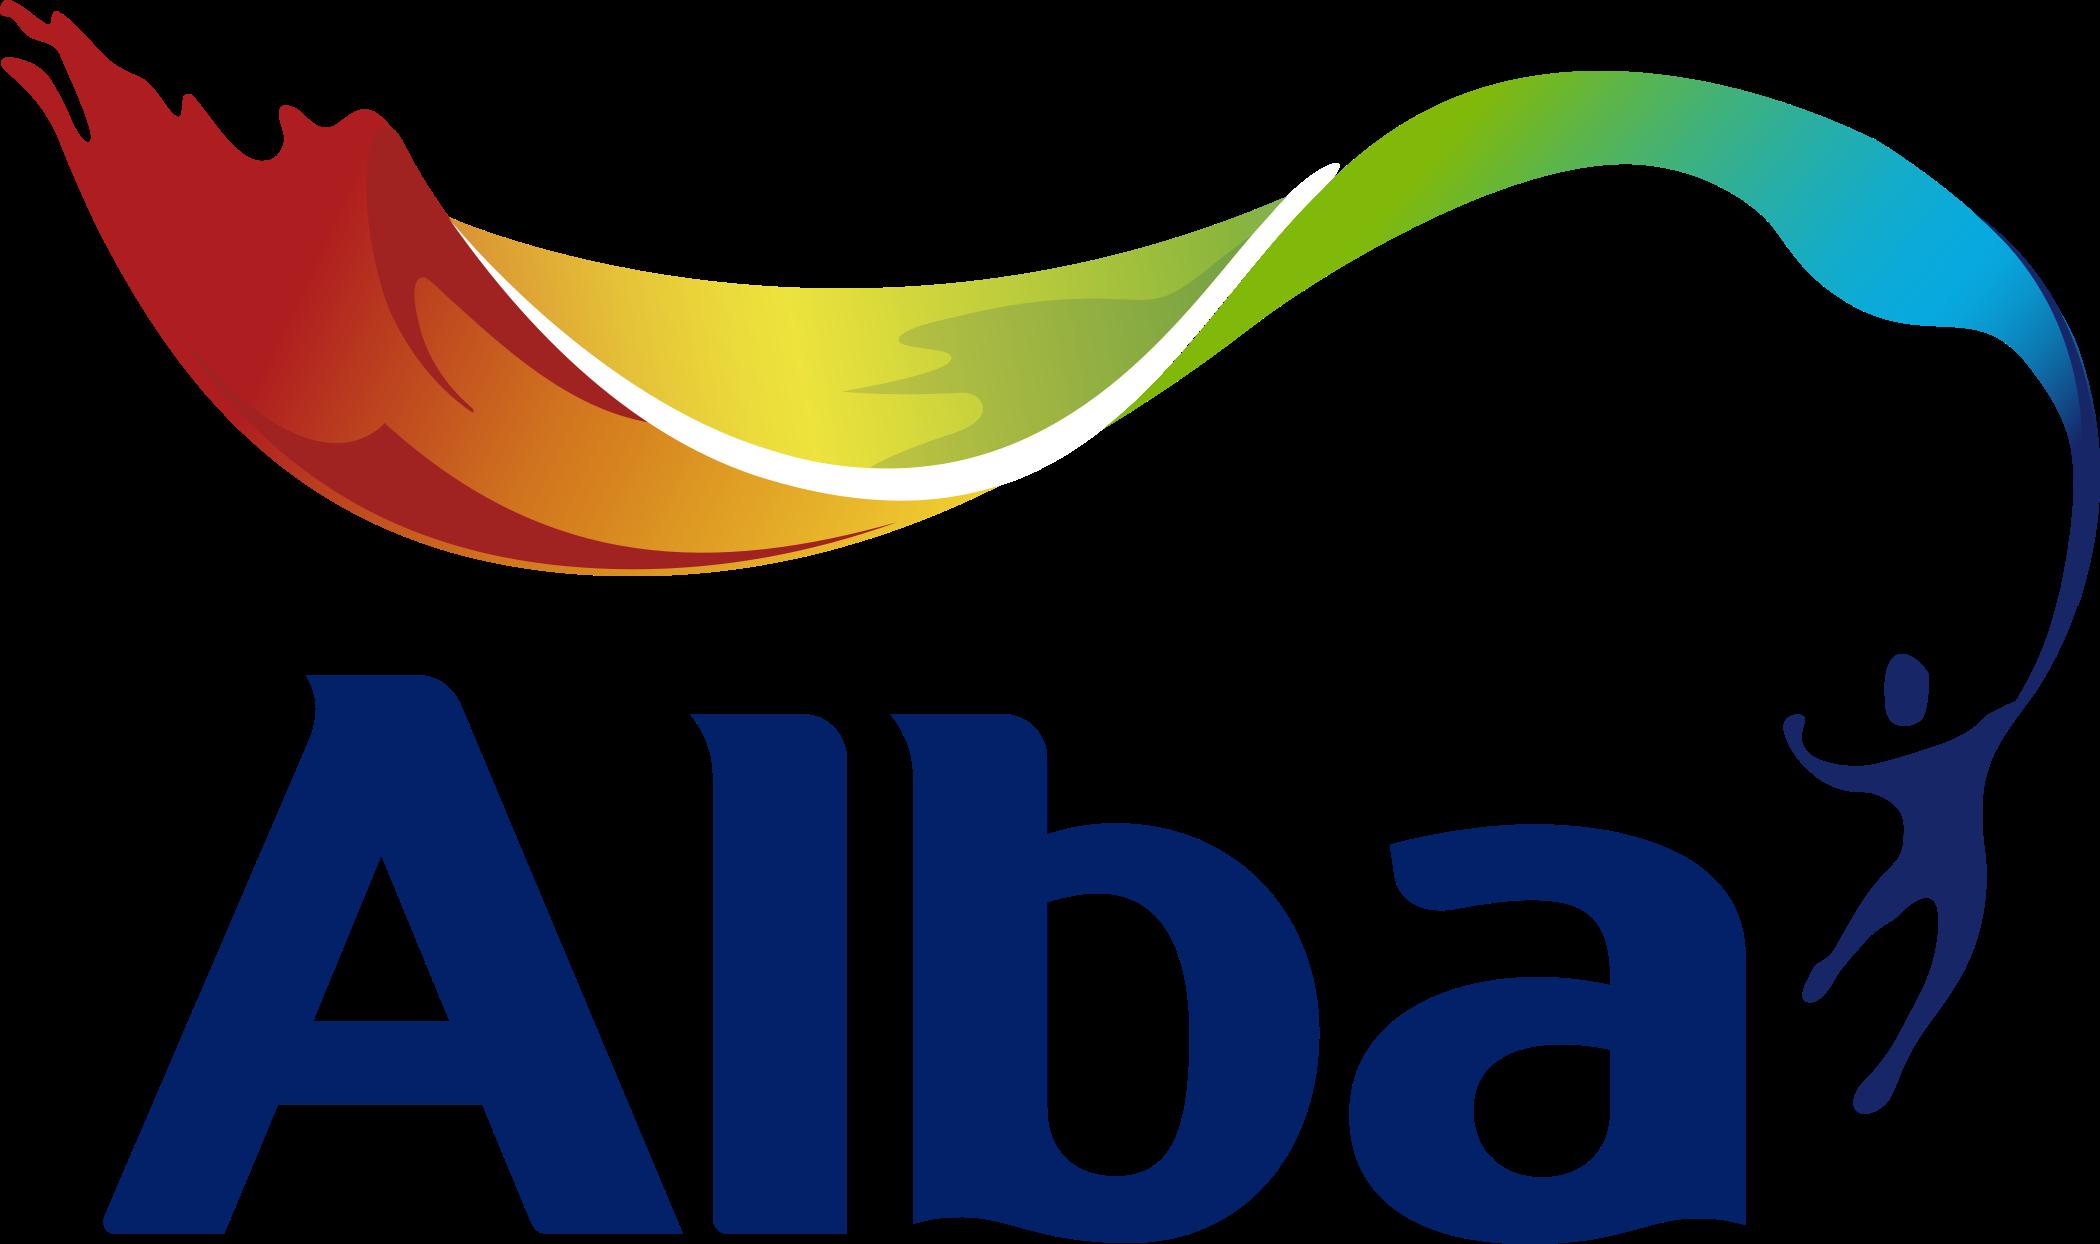 alba logo 1 - Alba Logo